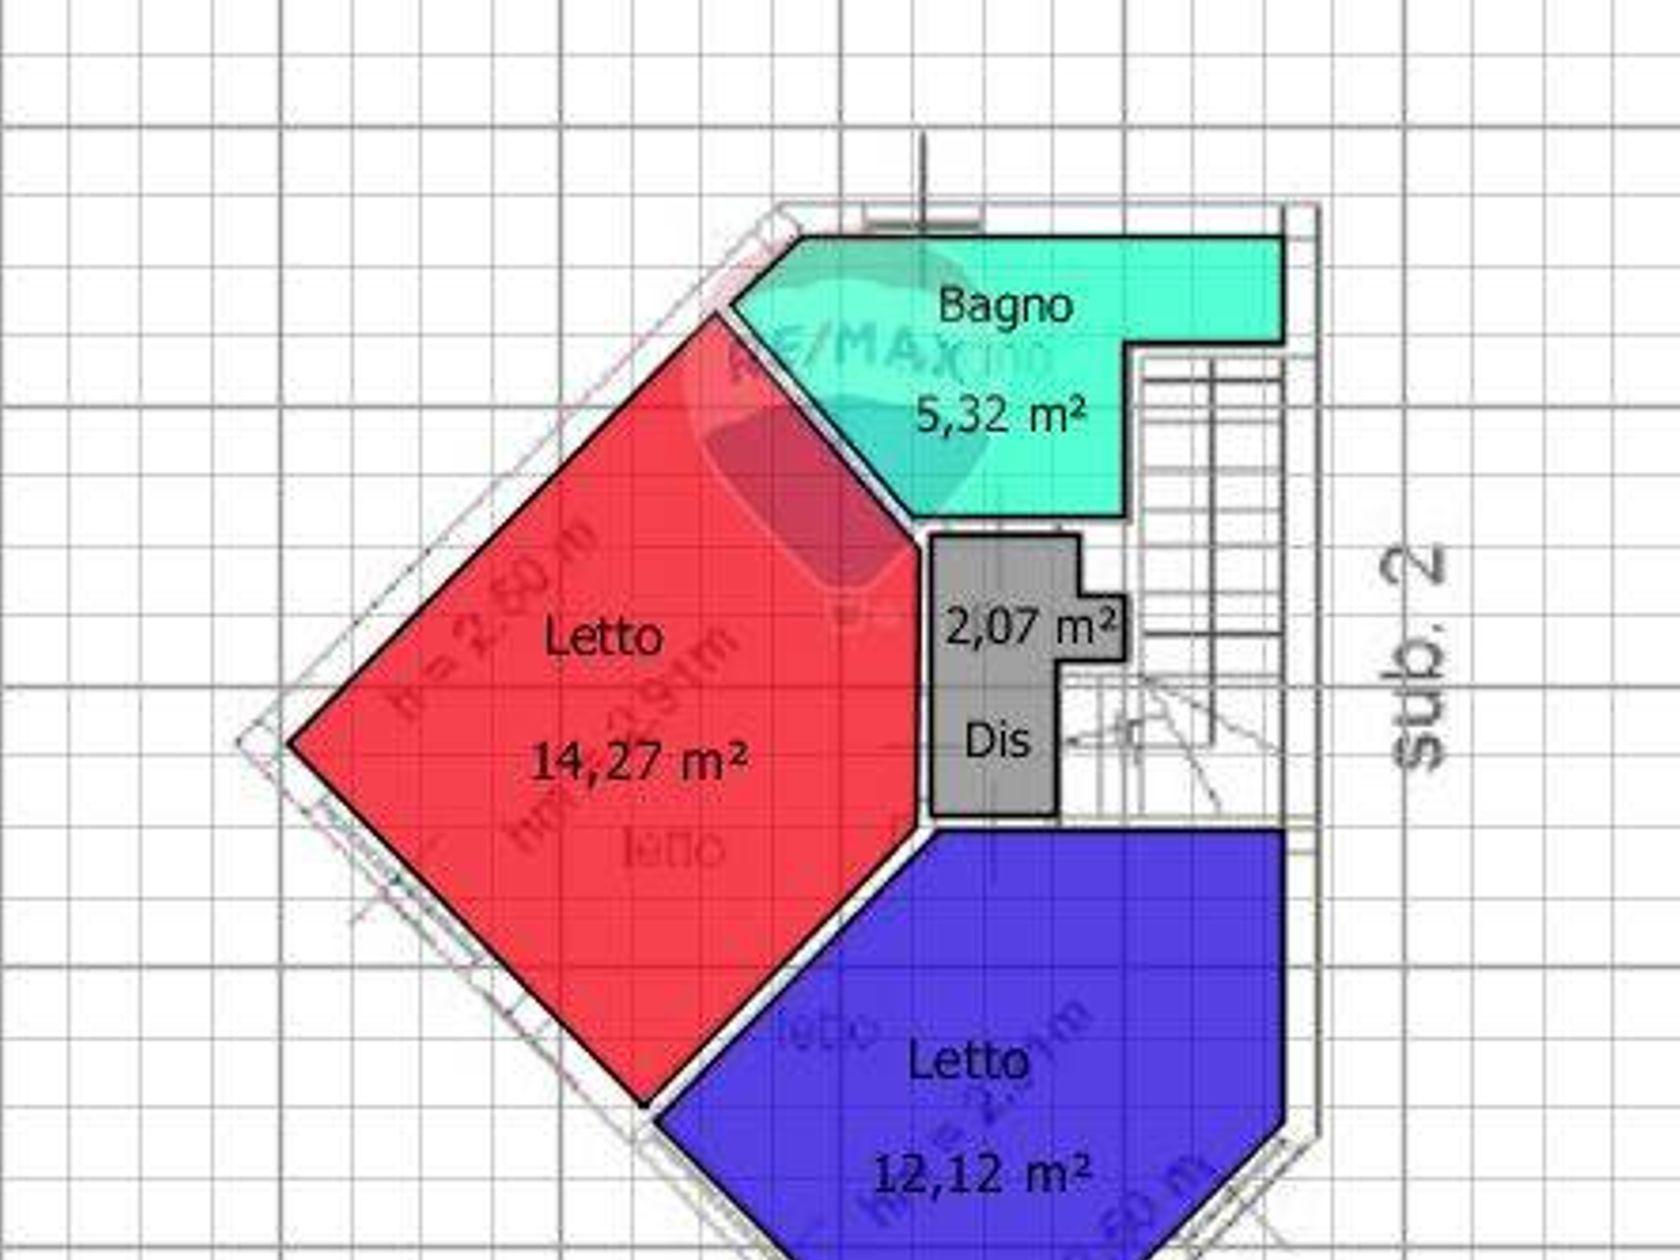 Villetta bifamiliare Sinnai-zona Centro, Sinnai, CA Vendita - Planimetria 1